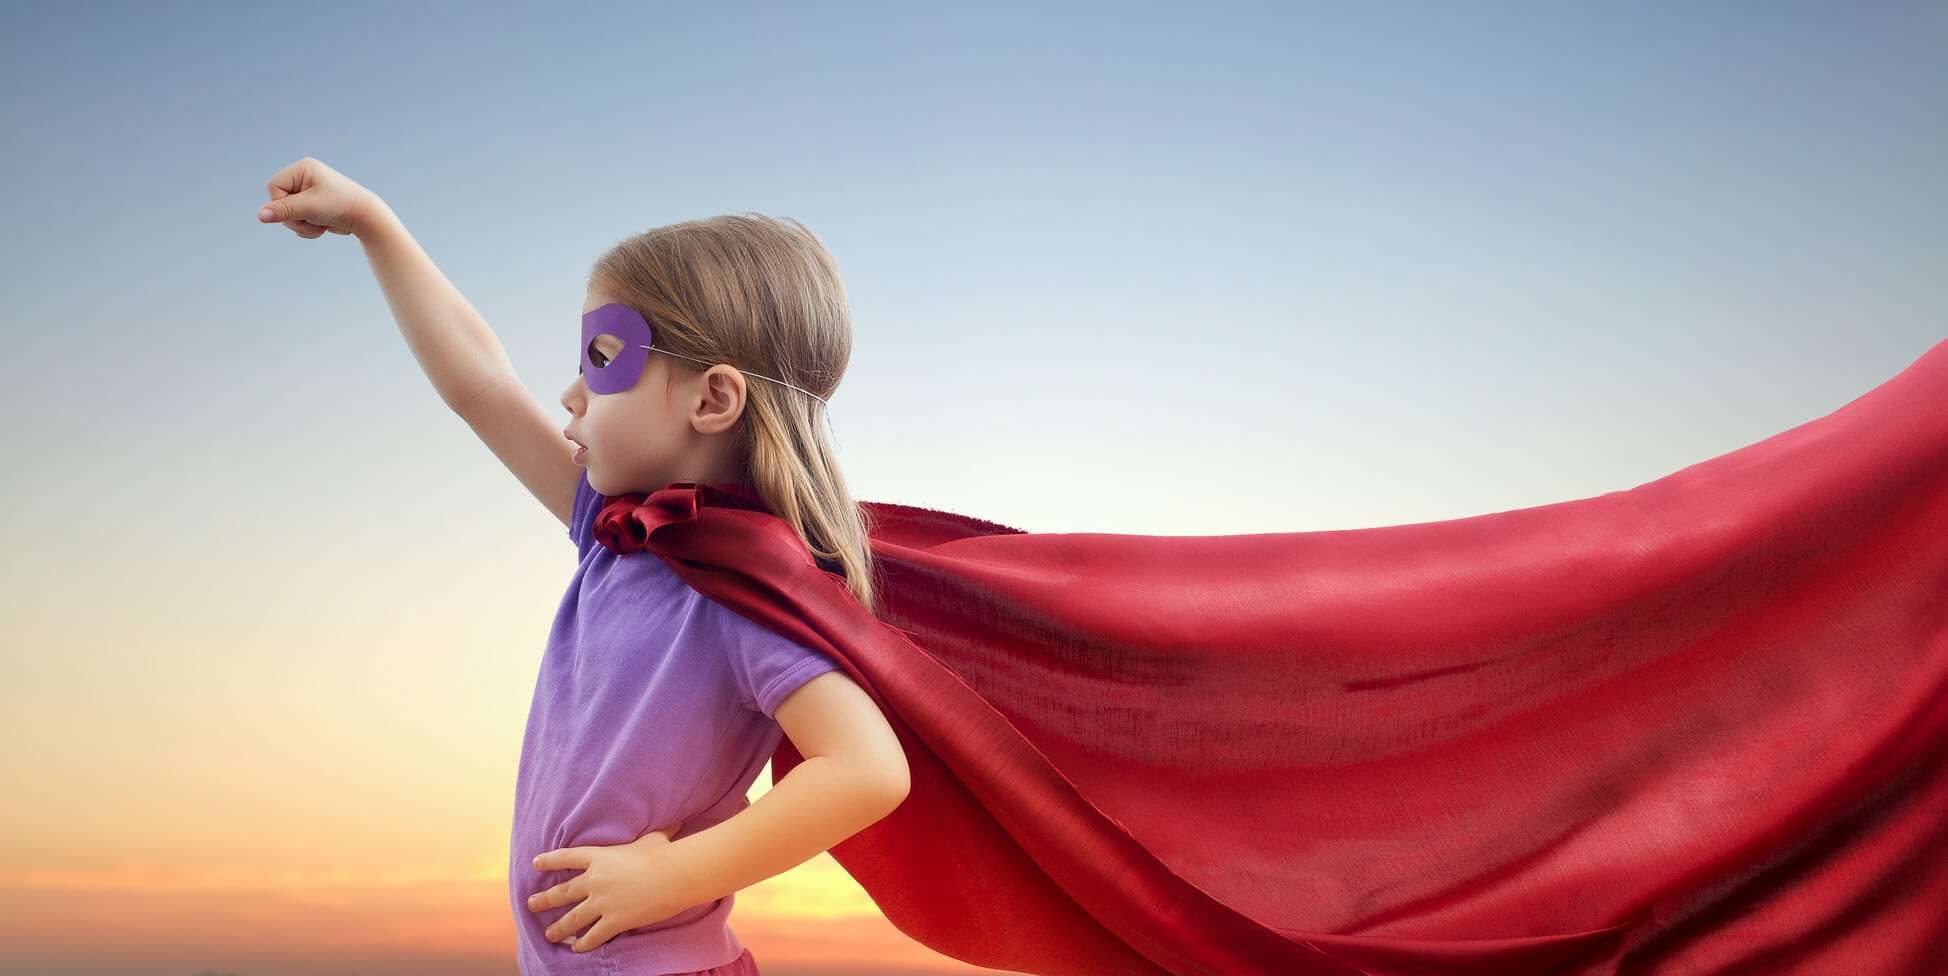 Çocuklarda Özgüven Gelişimini Destekleyici Yöntemler